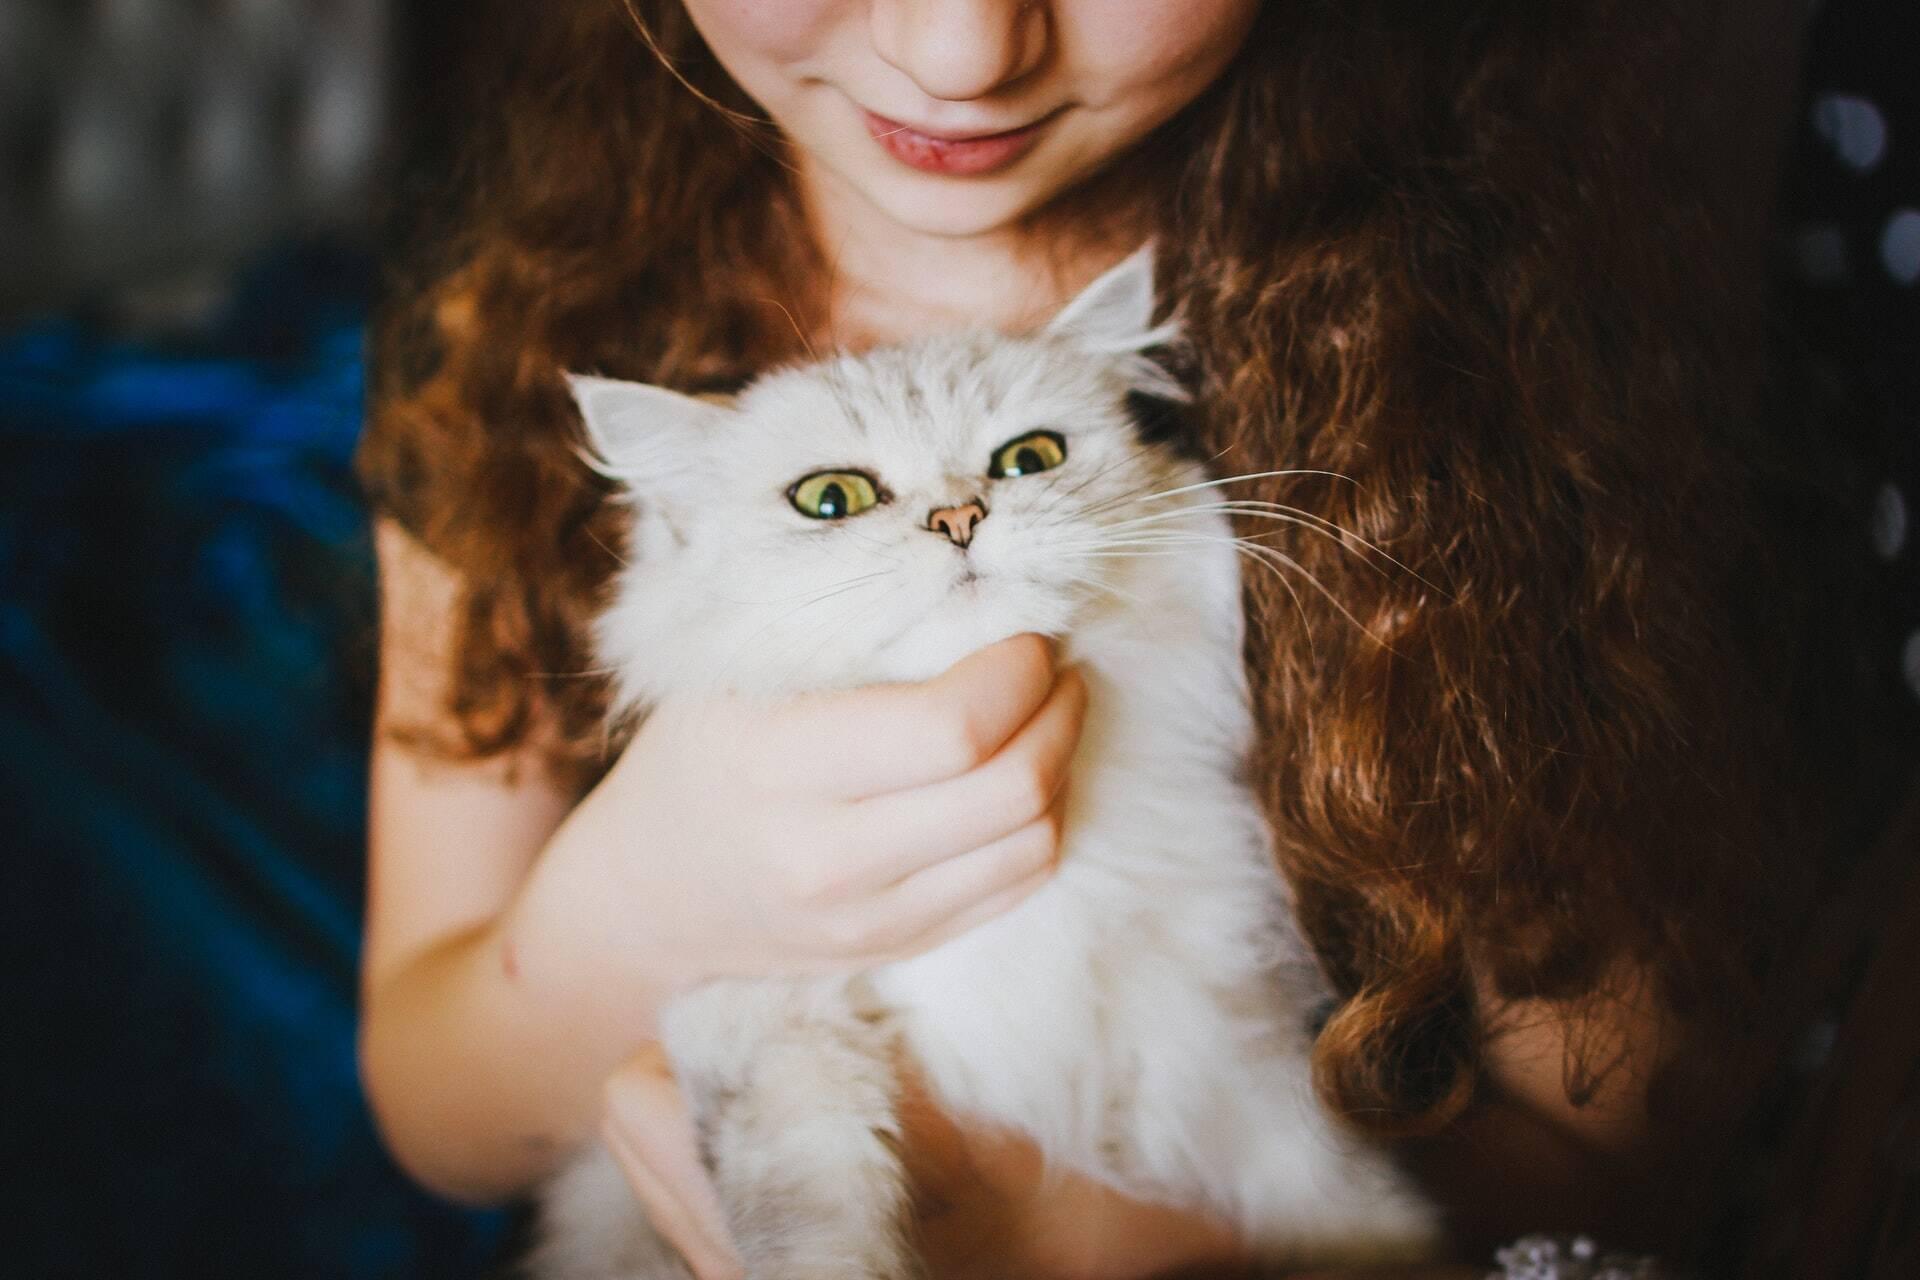 Gatos ajudam crianças autistas a se sentirem confortáveis em ocasiões sociais